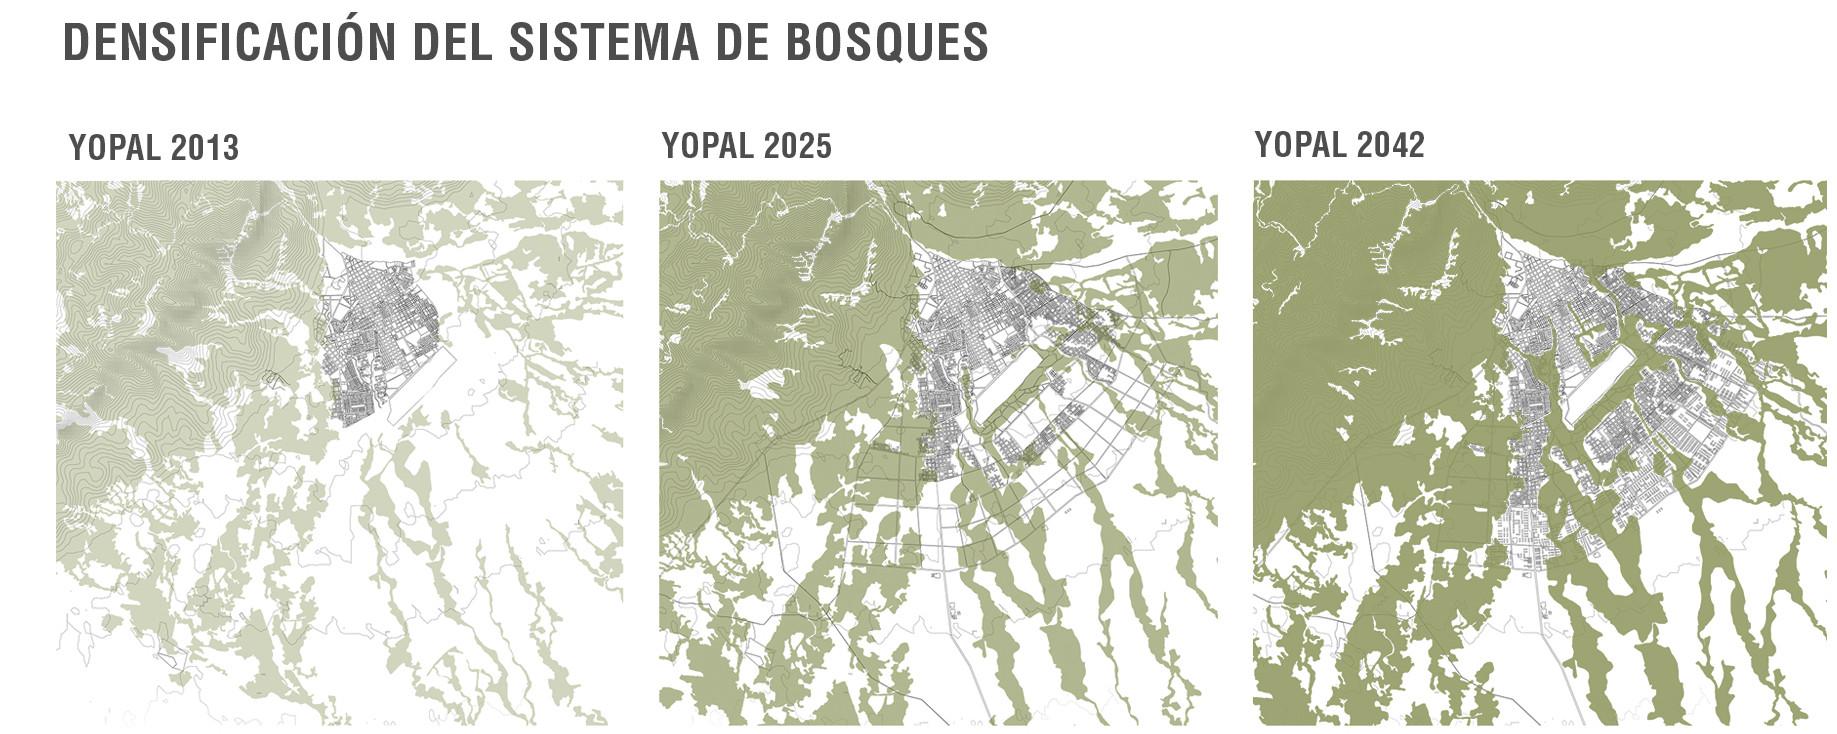 Yopal, agro-turístico: forestación. Image Courtesy of Equipo Primer Lugar